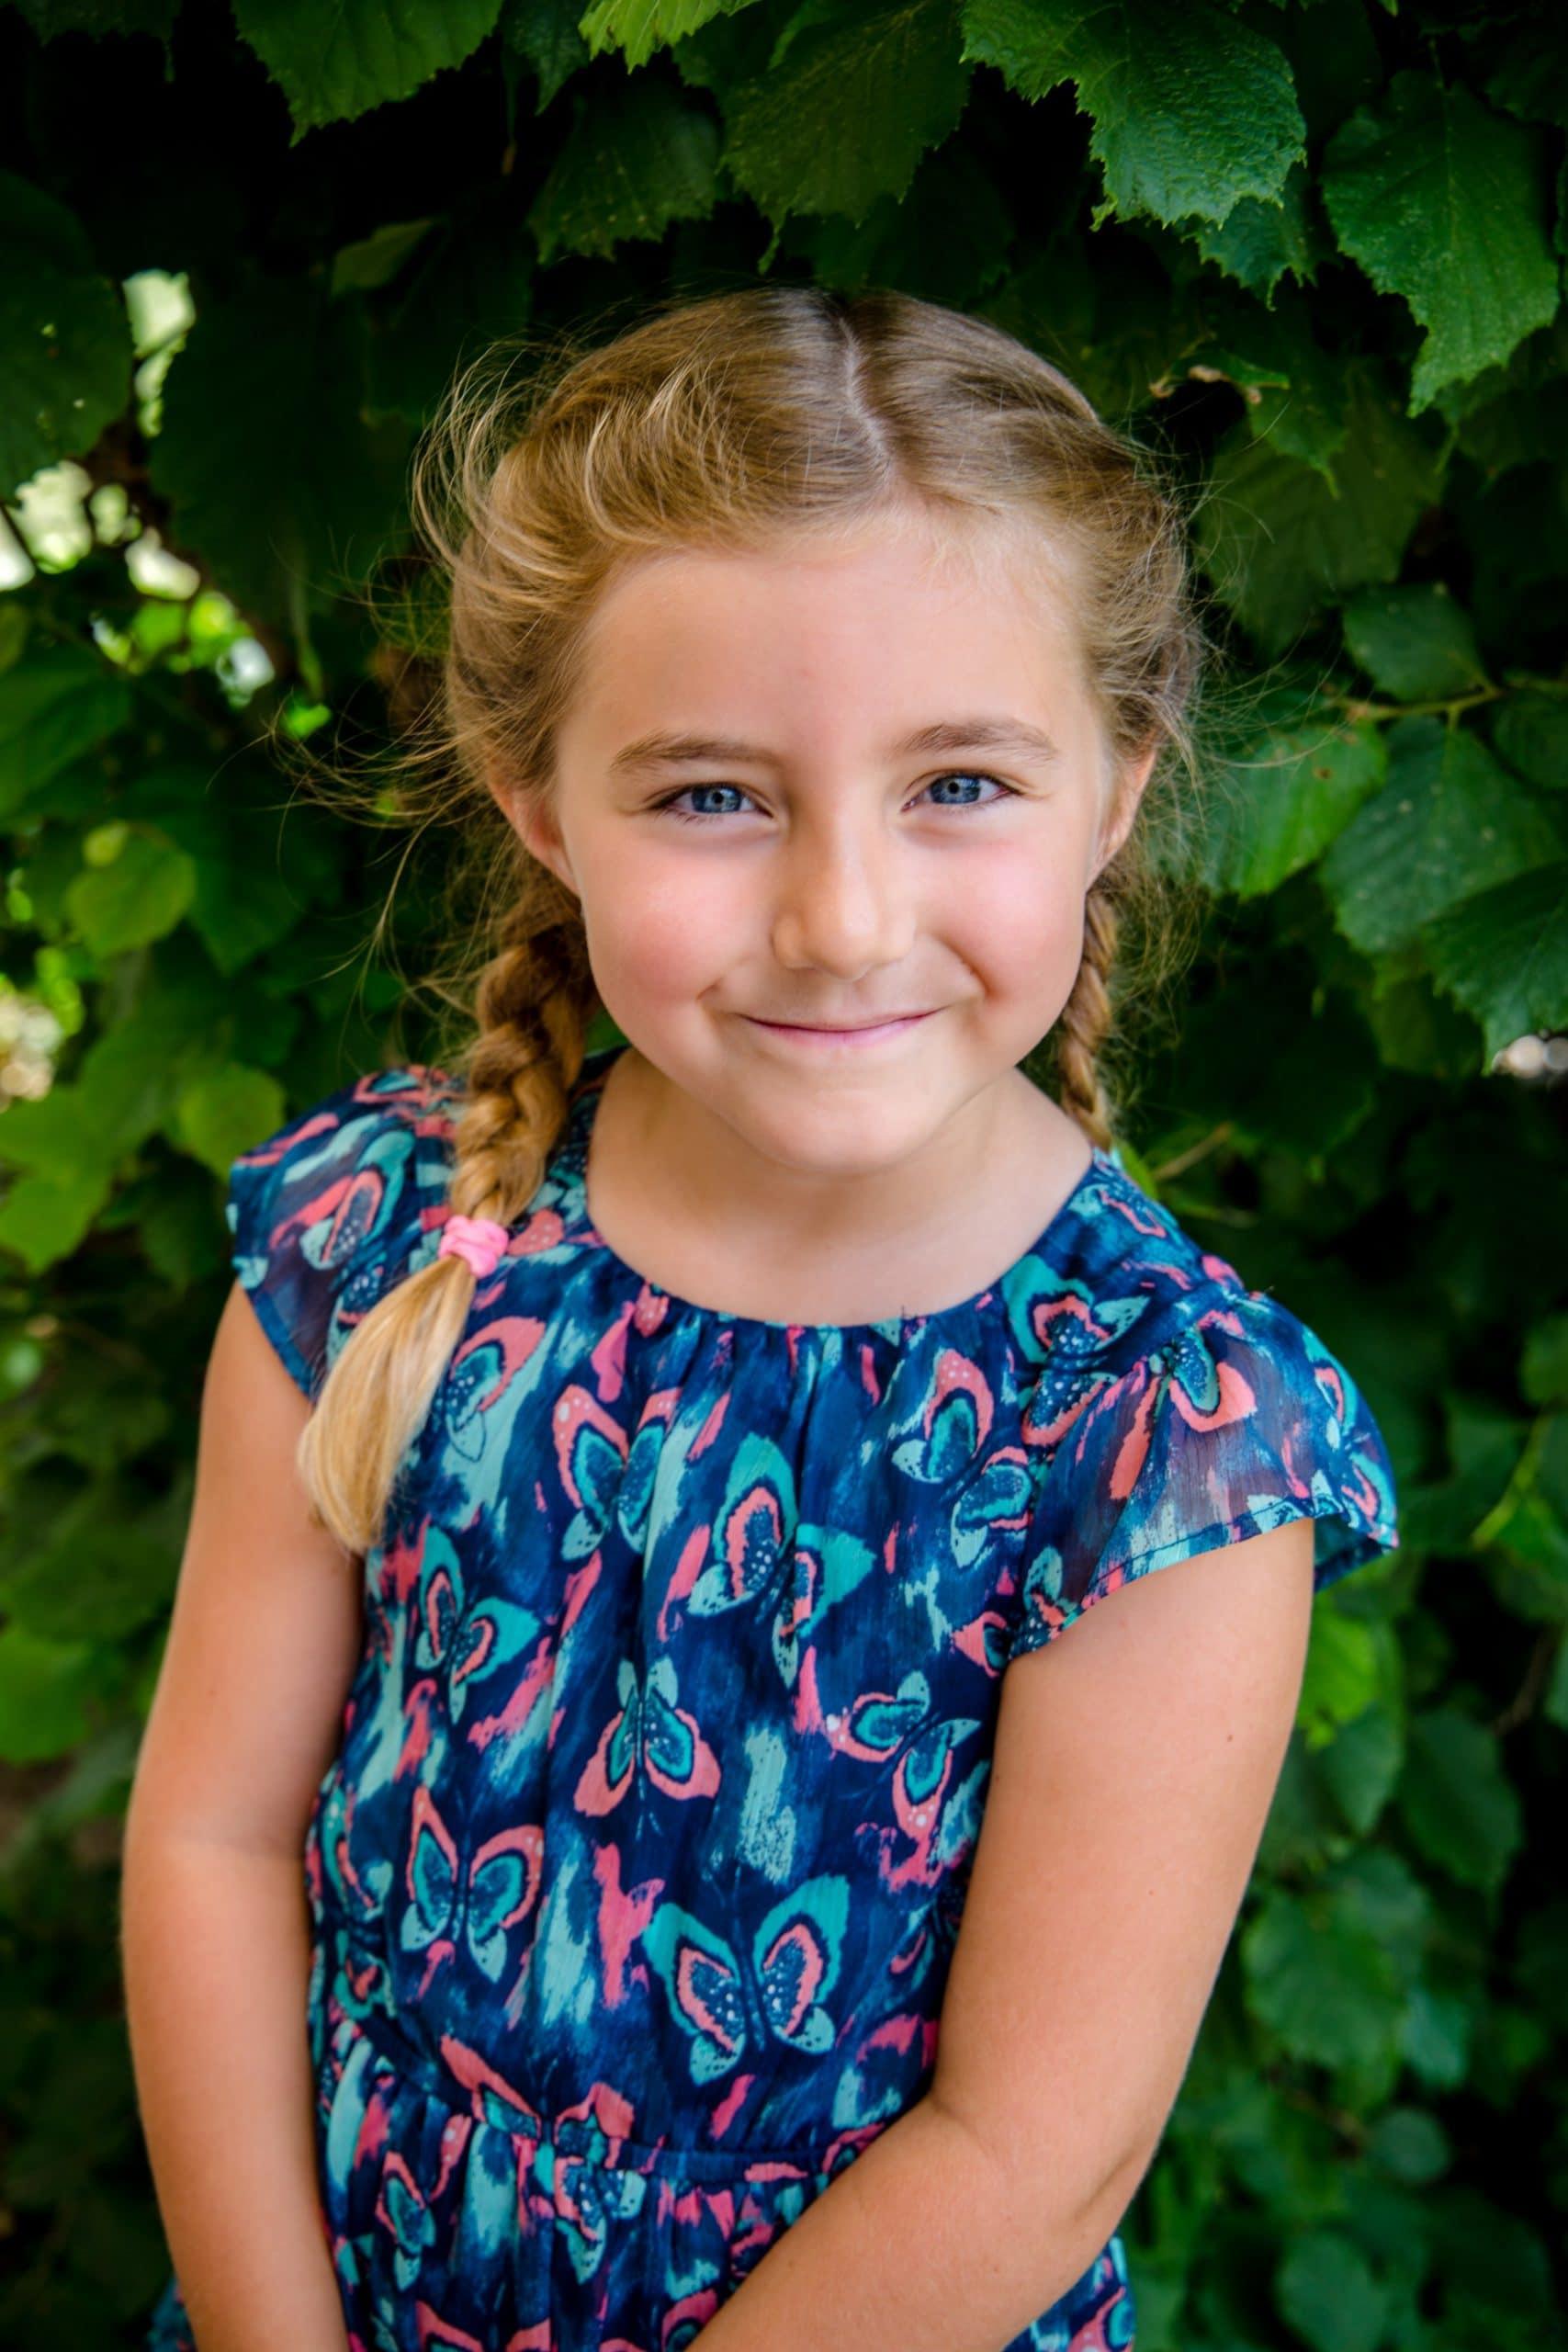 81-Kerstin-Jakobs-Fotografie-Kinderbilder-3xQM469j